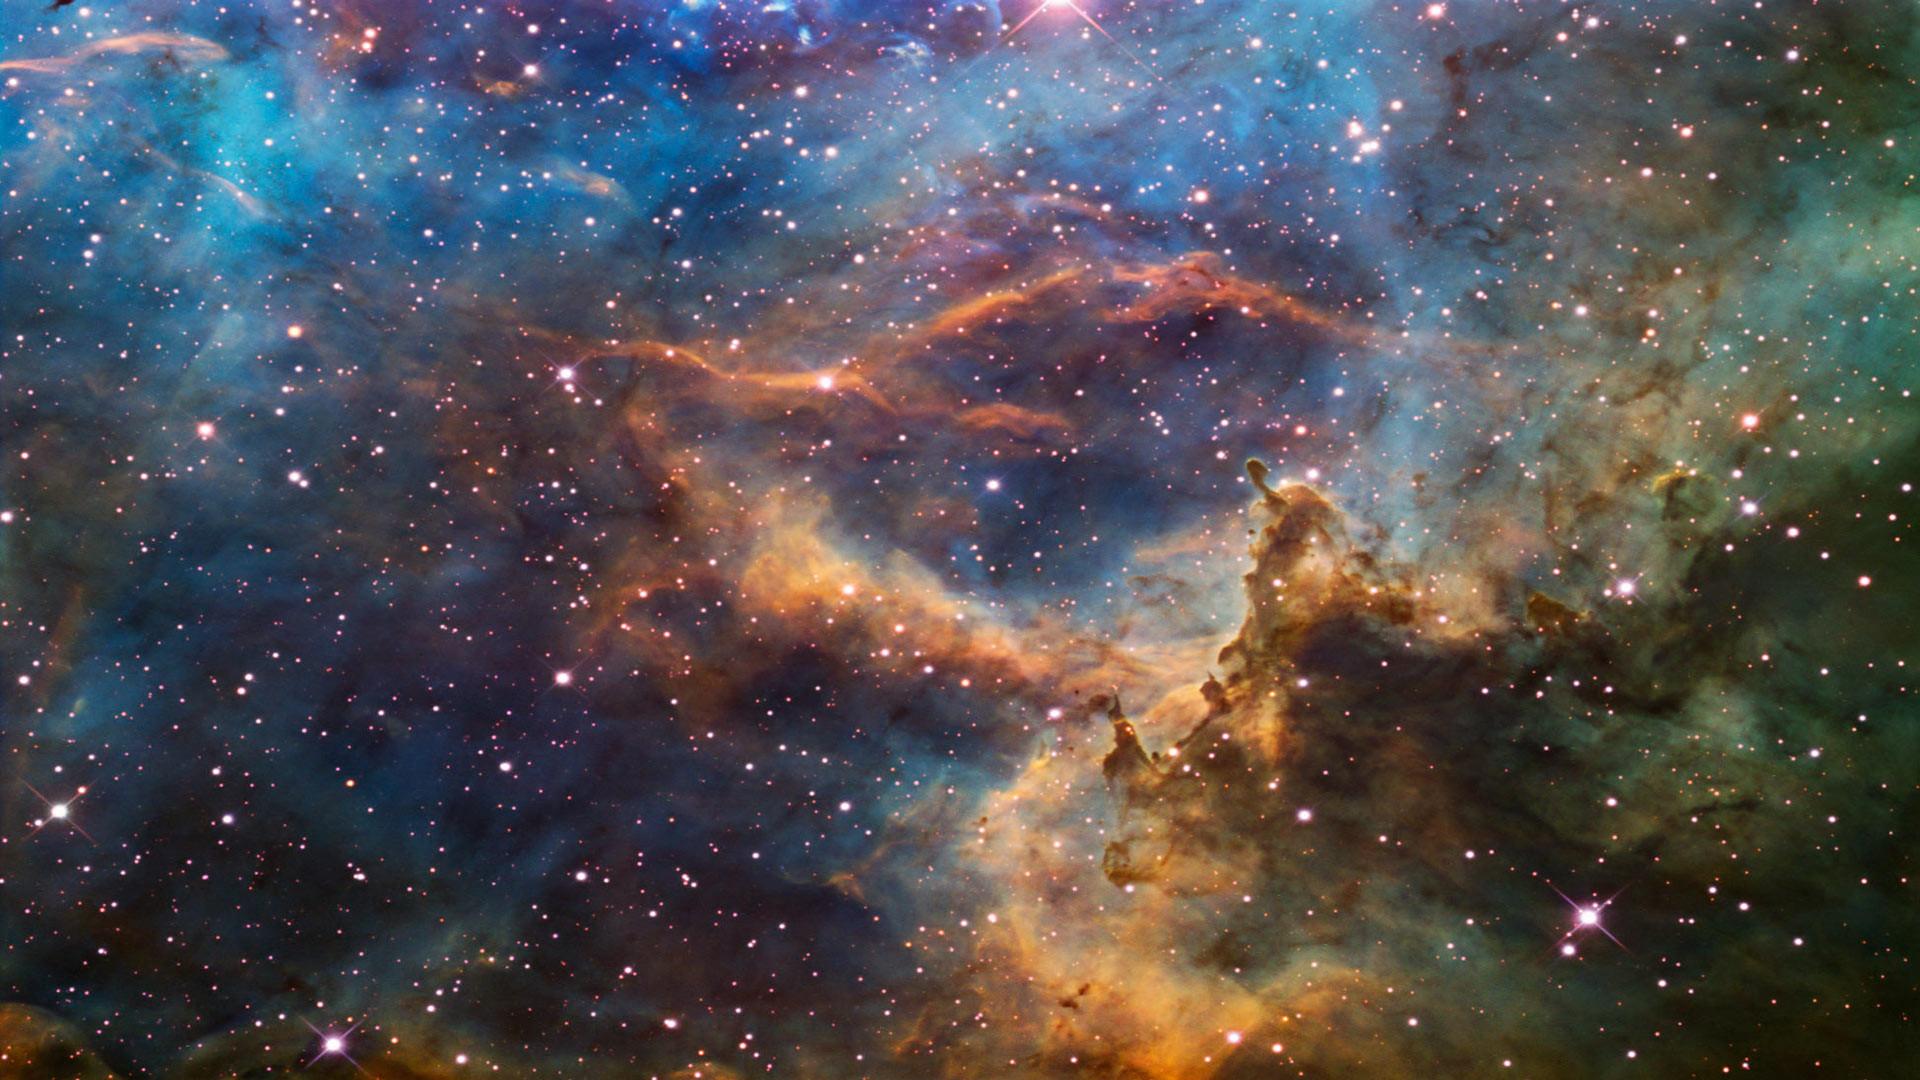 Hubble desktop wallpaper 72 images - Hubble space wallpapers ...